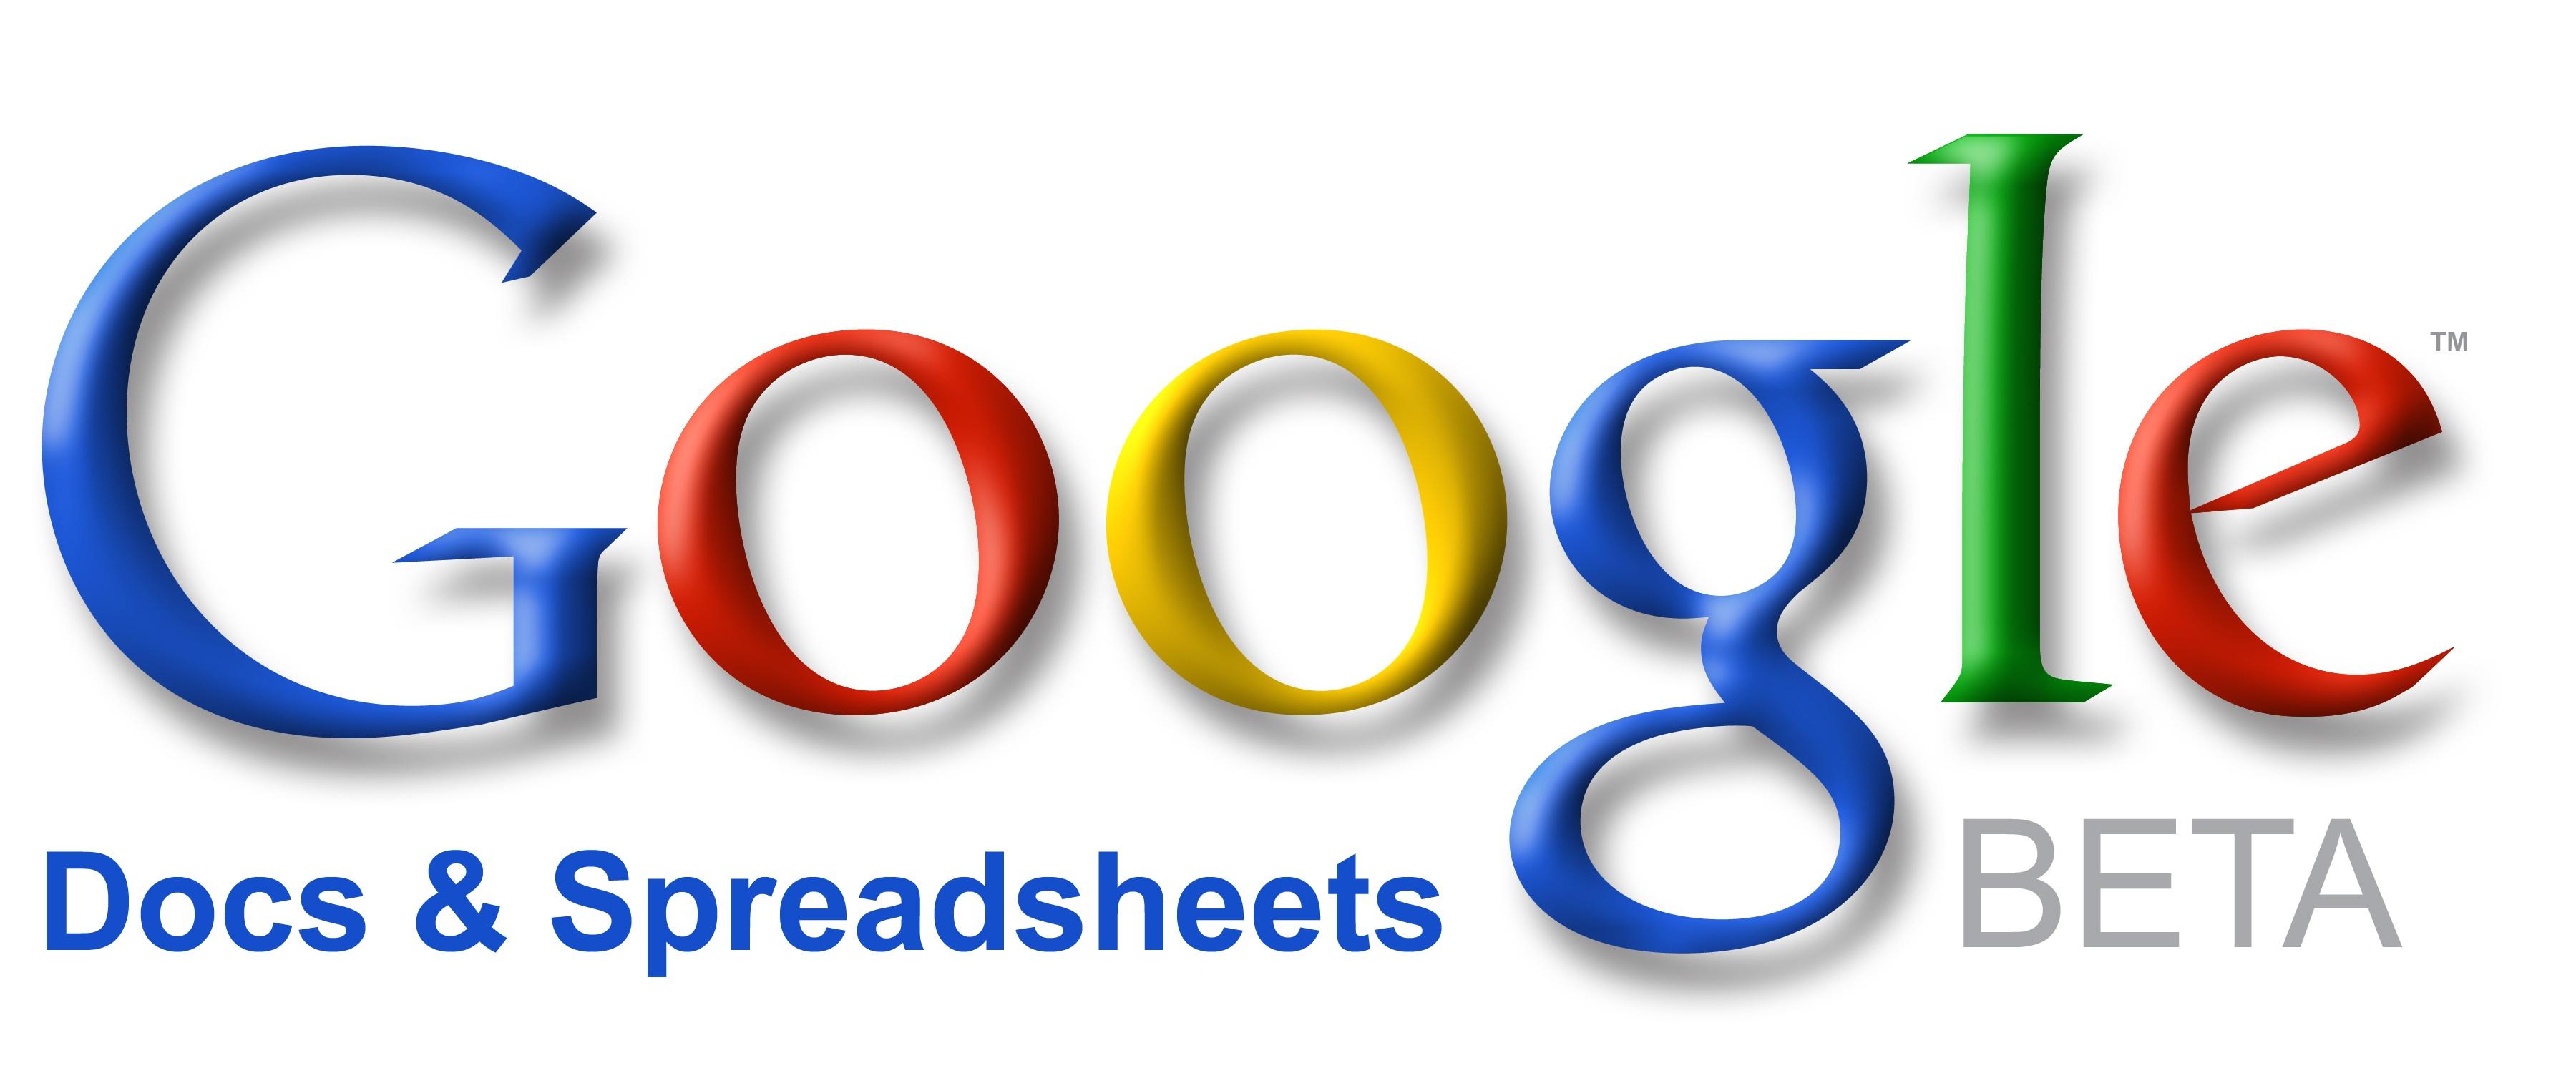 Google clip art google clip art google clip art google gvspqv clipart